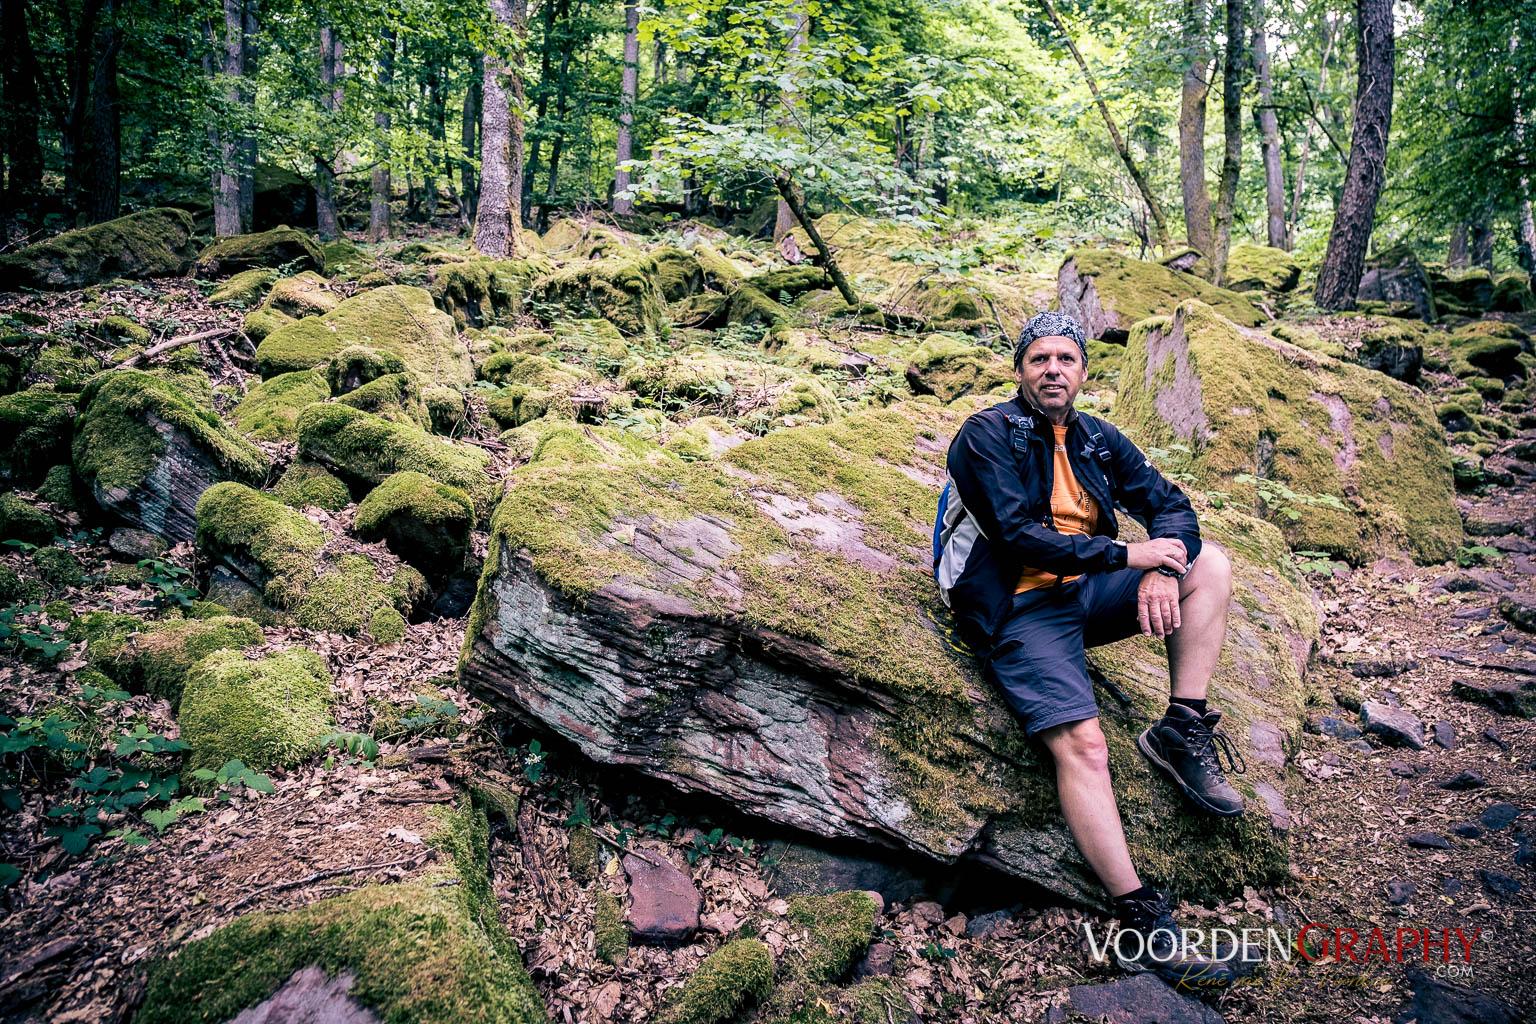 Fotograf am Urwaldpfad